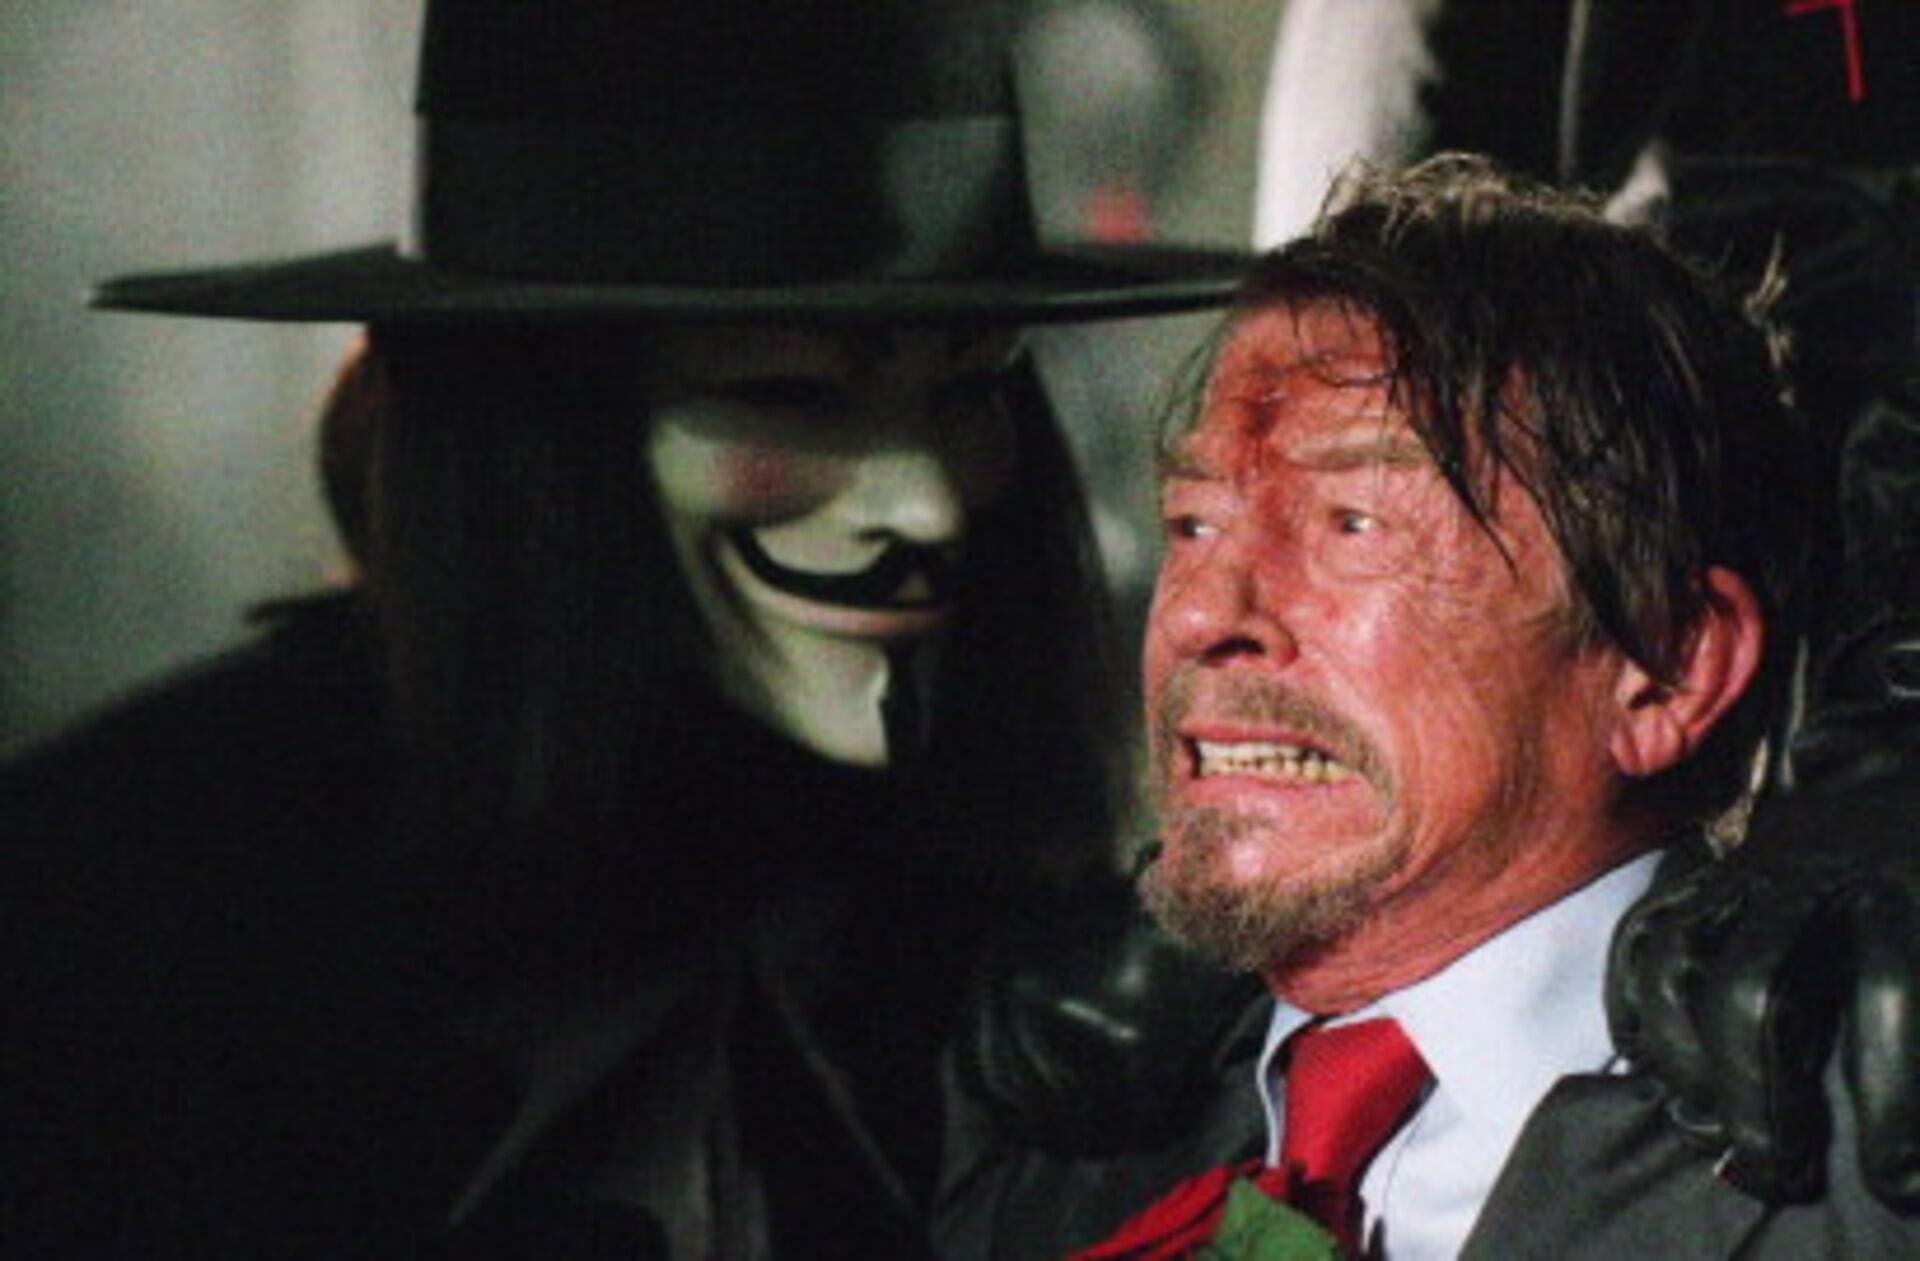 V for Vendetta - Image 40